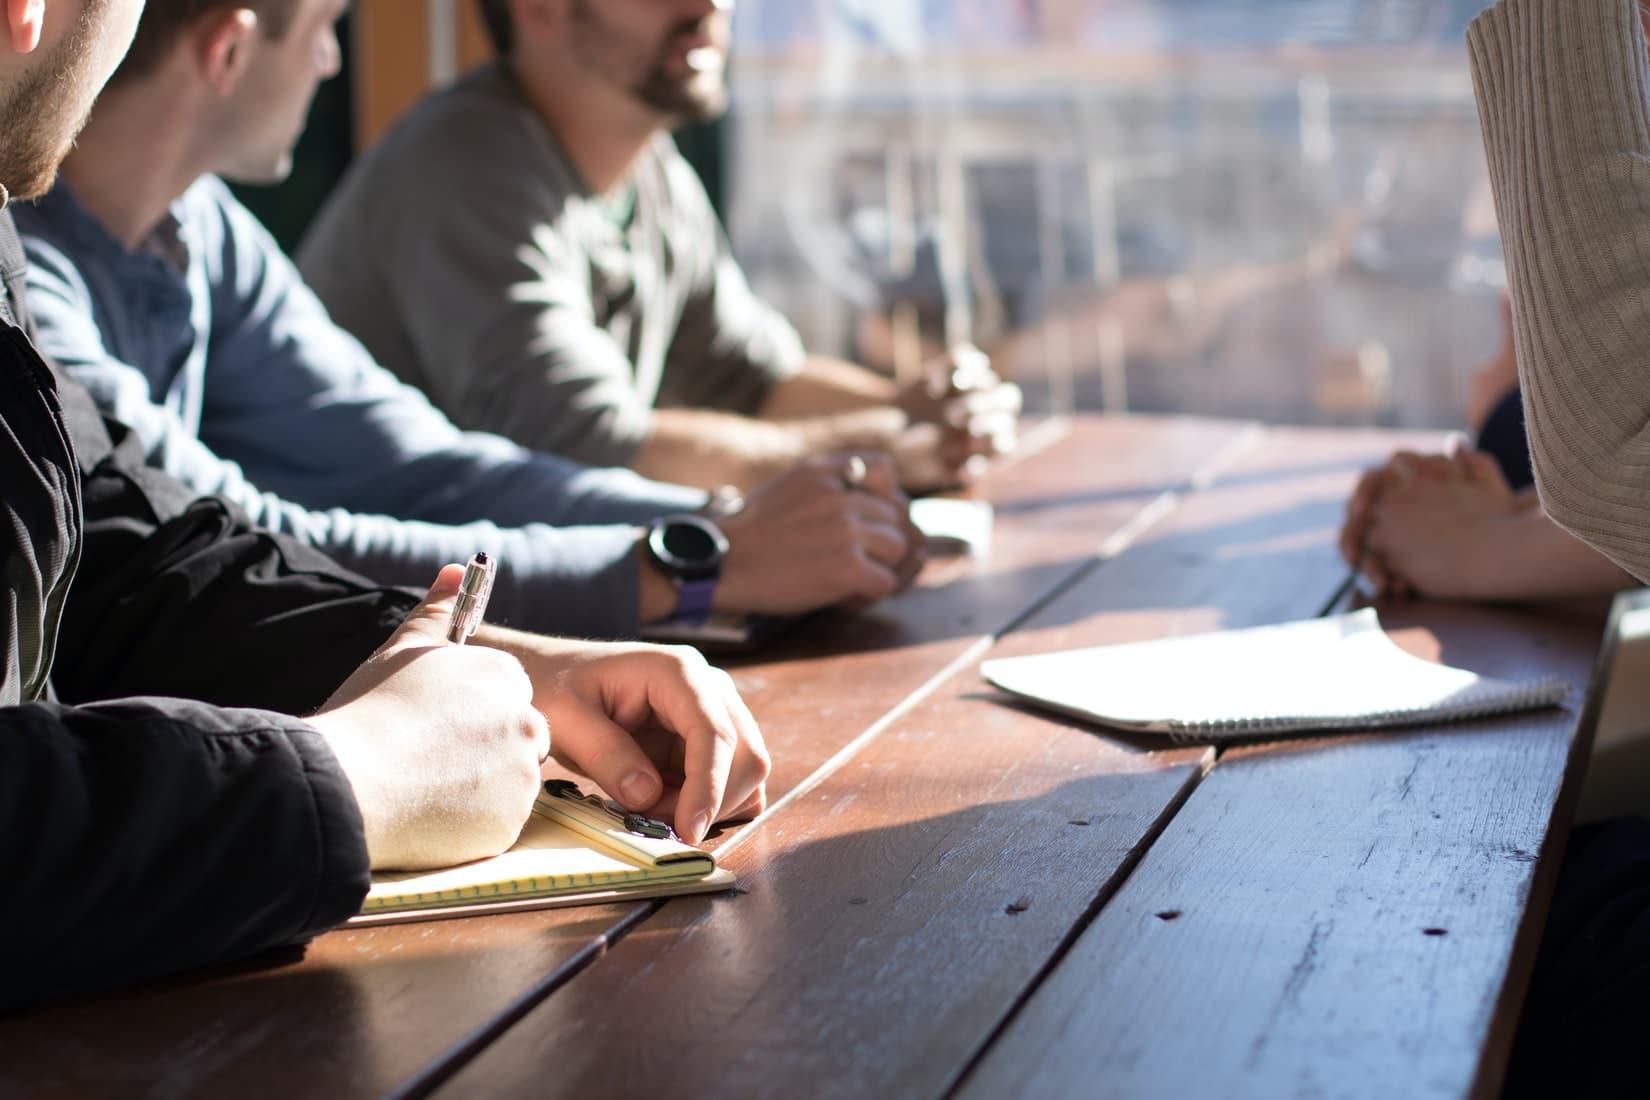 FokusBusinessGuide_DeStandaard_daglicht_pennen_schrijven_vergadering